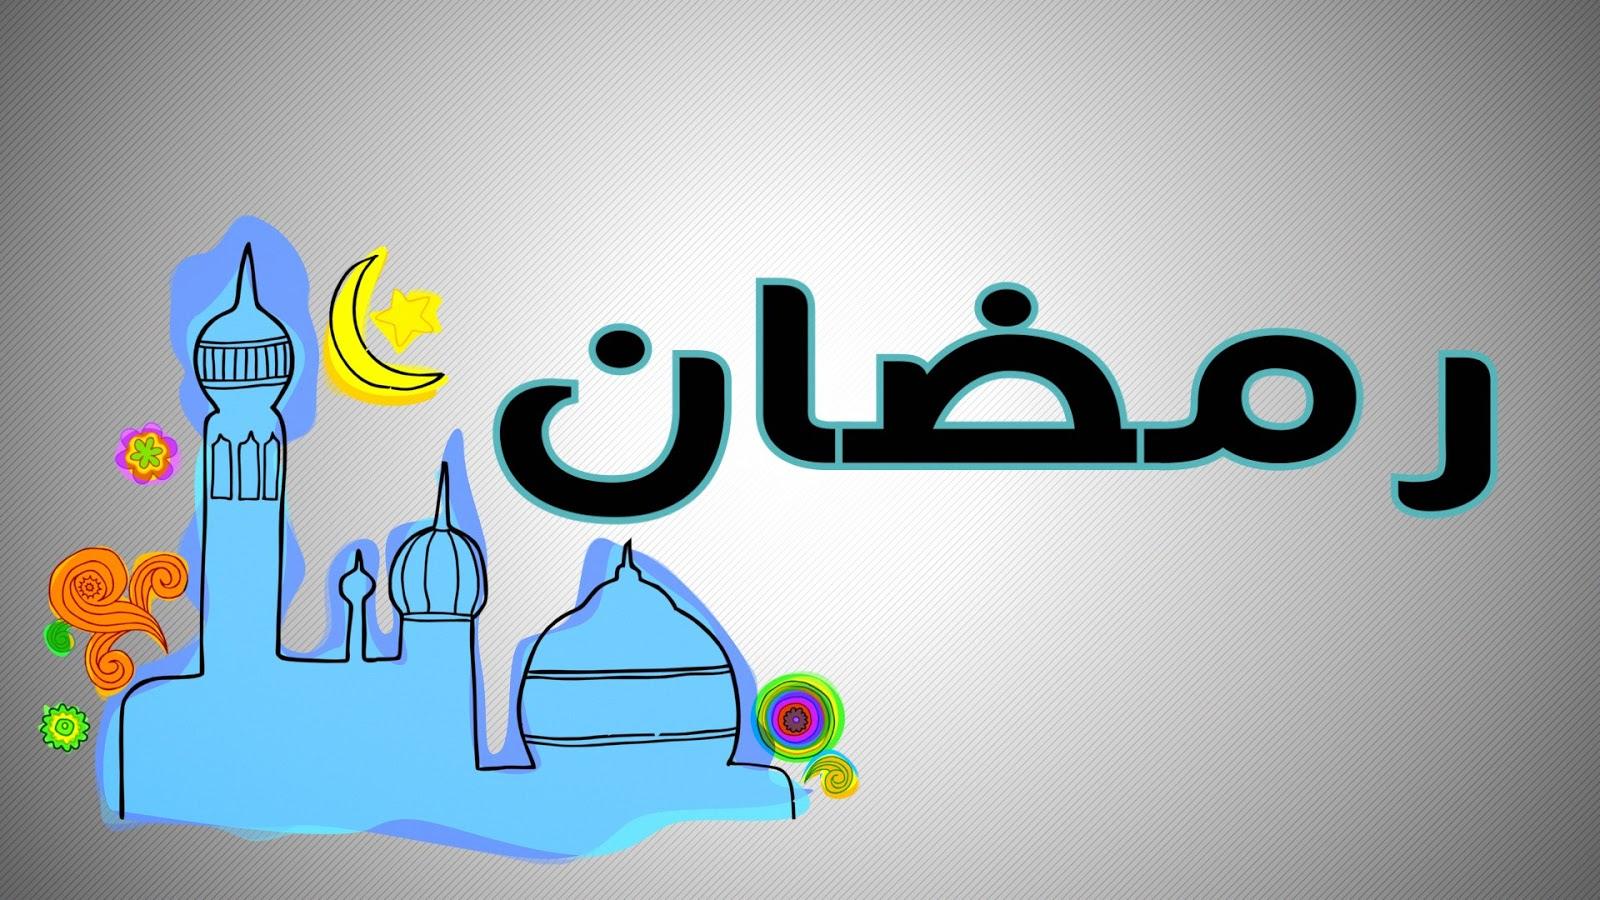 بالصور بوستات رمضان , اروع البوستات الرمضانيه للفيس بوك 6675 1